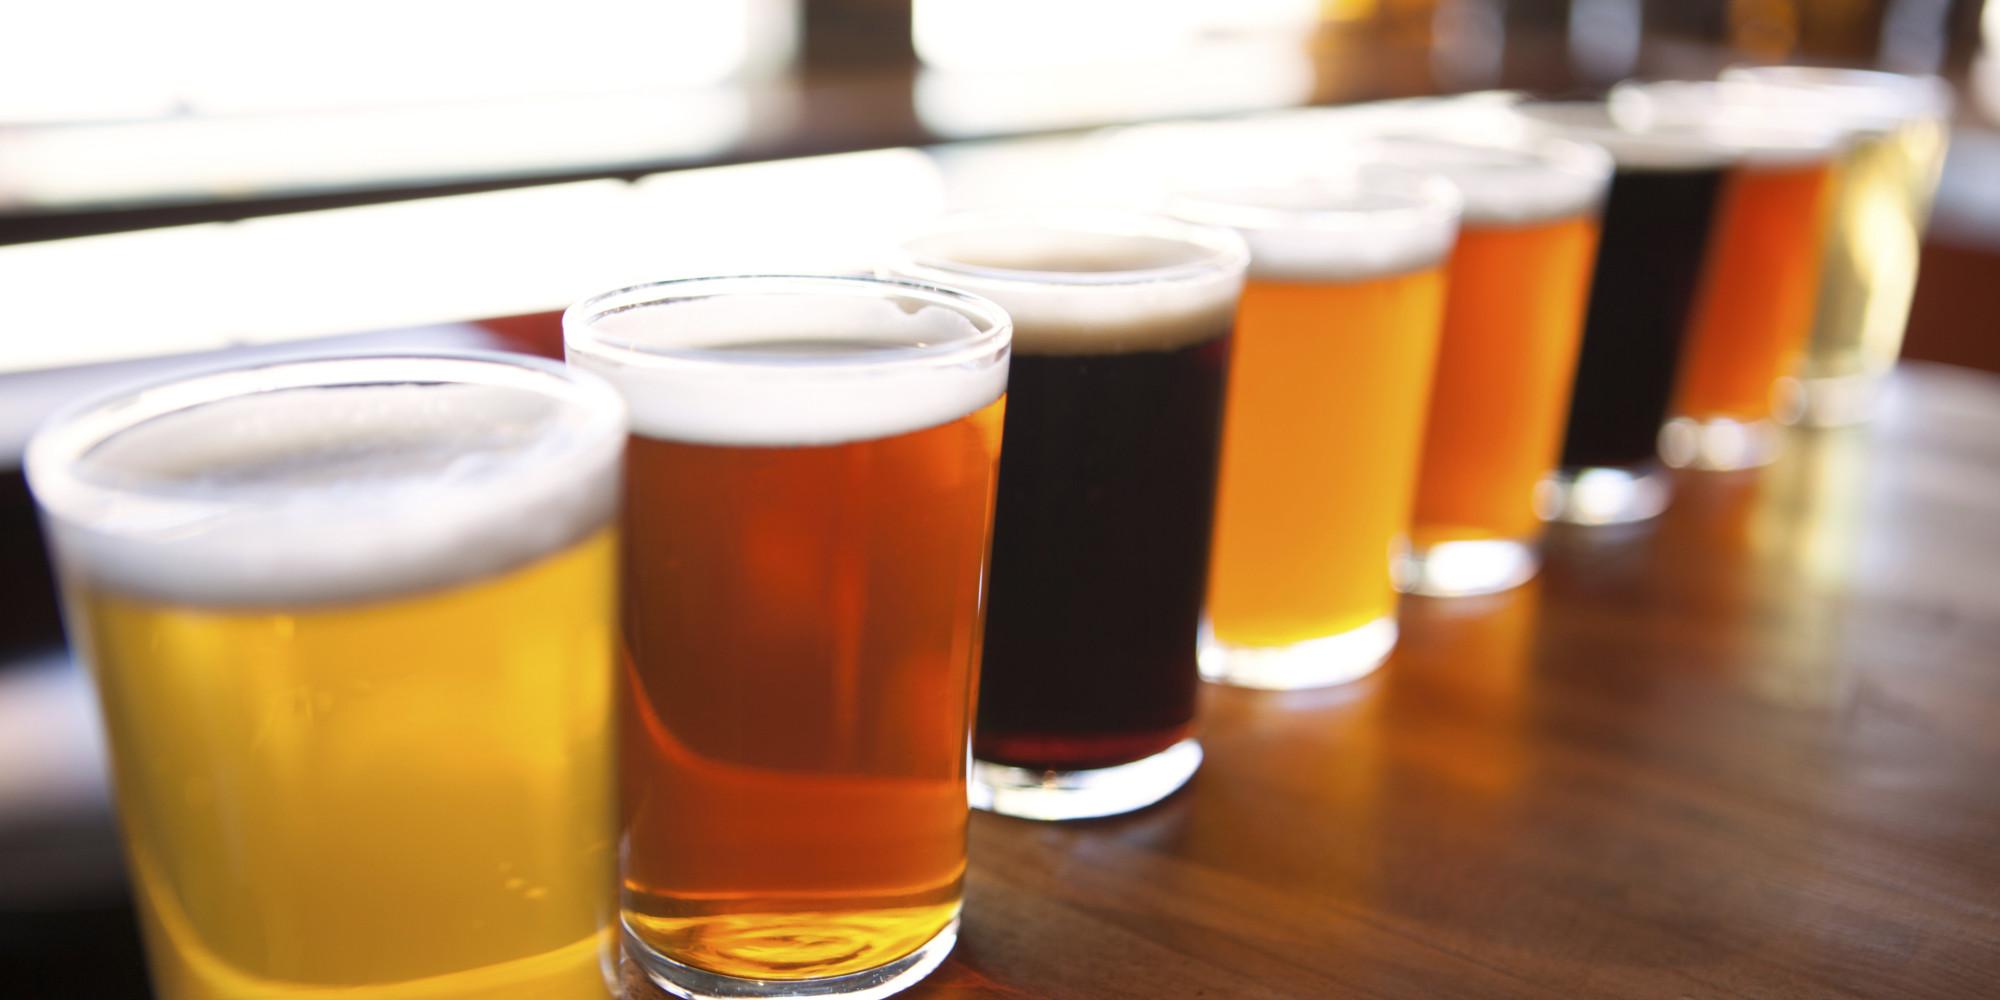 Cuánto beben y gastan en cerveza los españoles - La Viña